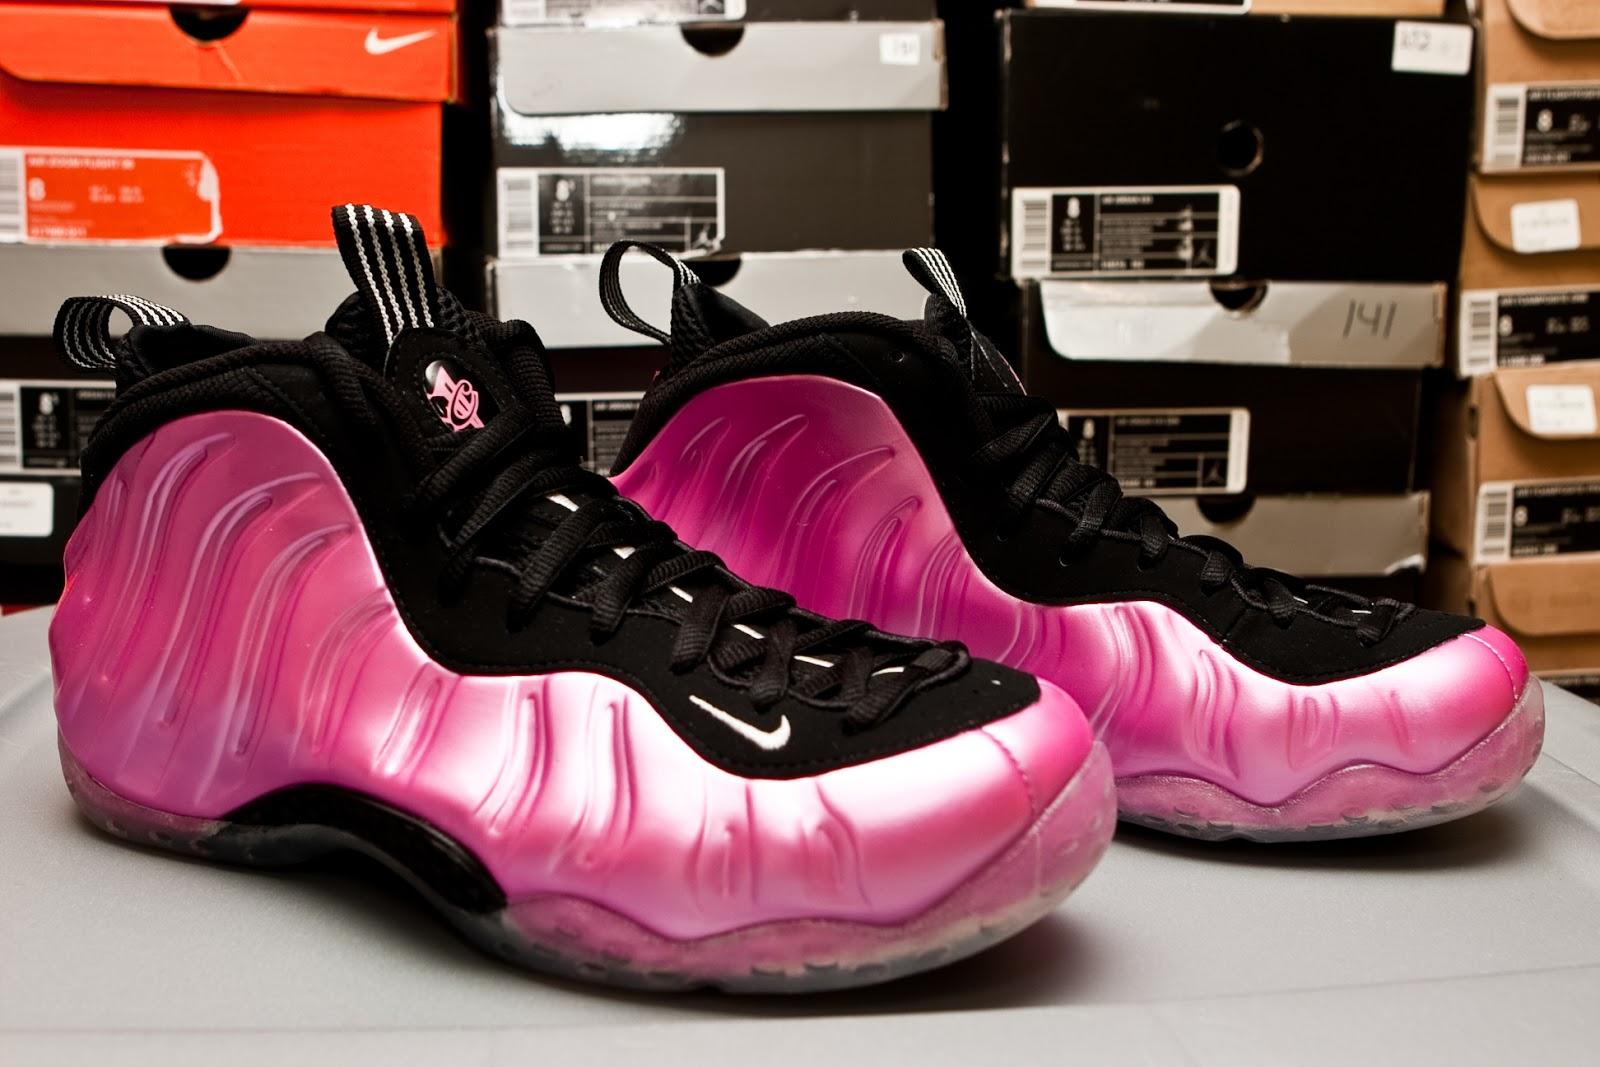 hot sale online 1c9fe 0b4b9 HoopFader's Nutshell: Nike Foamposite One - Solar Polarized Pink